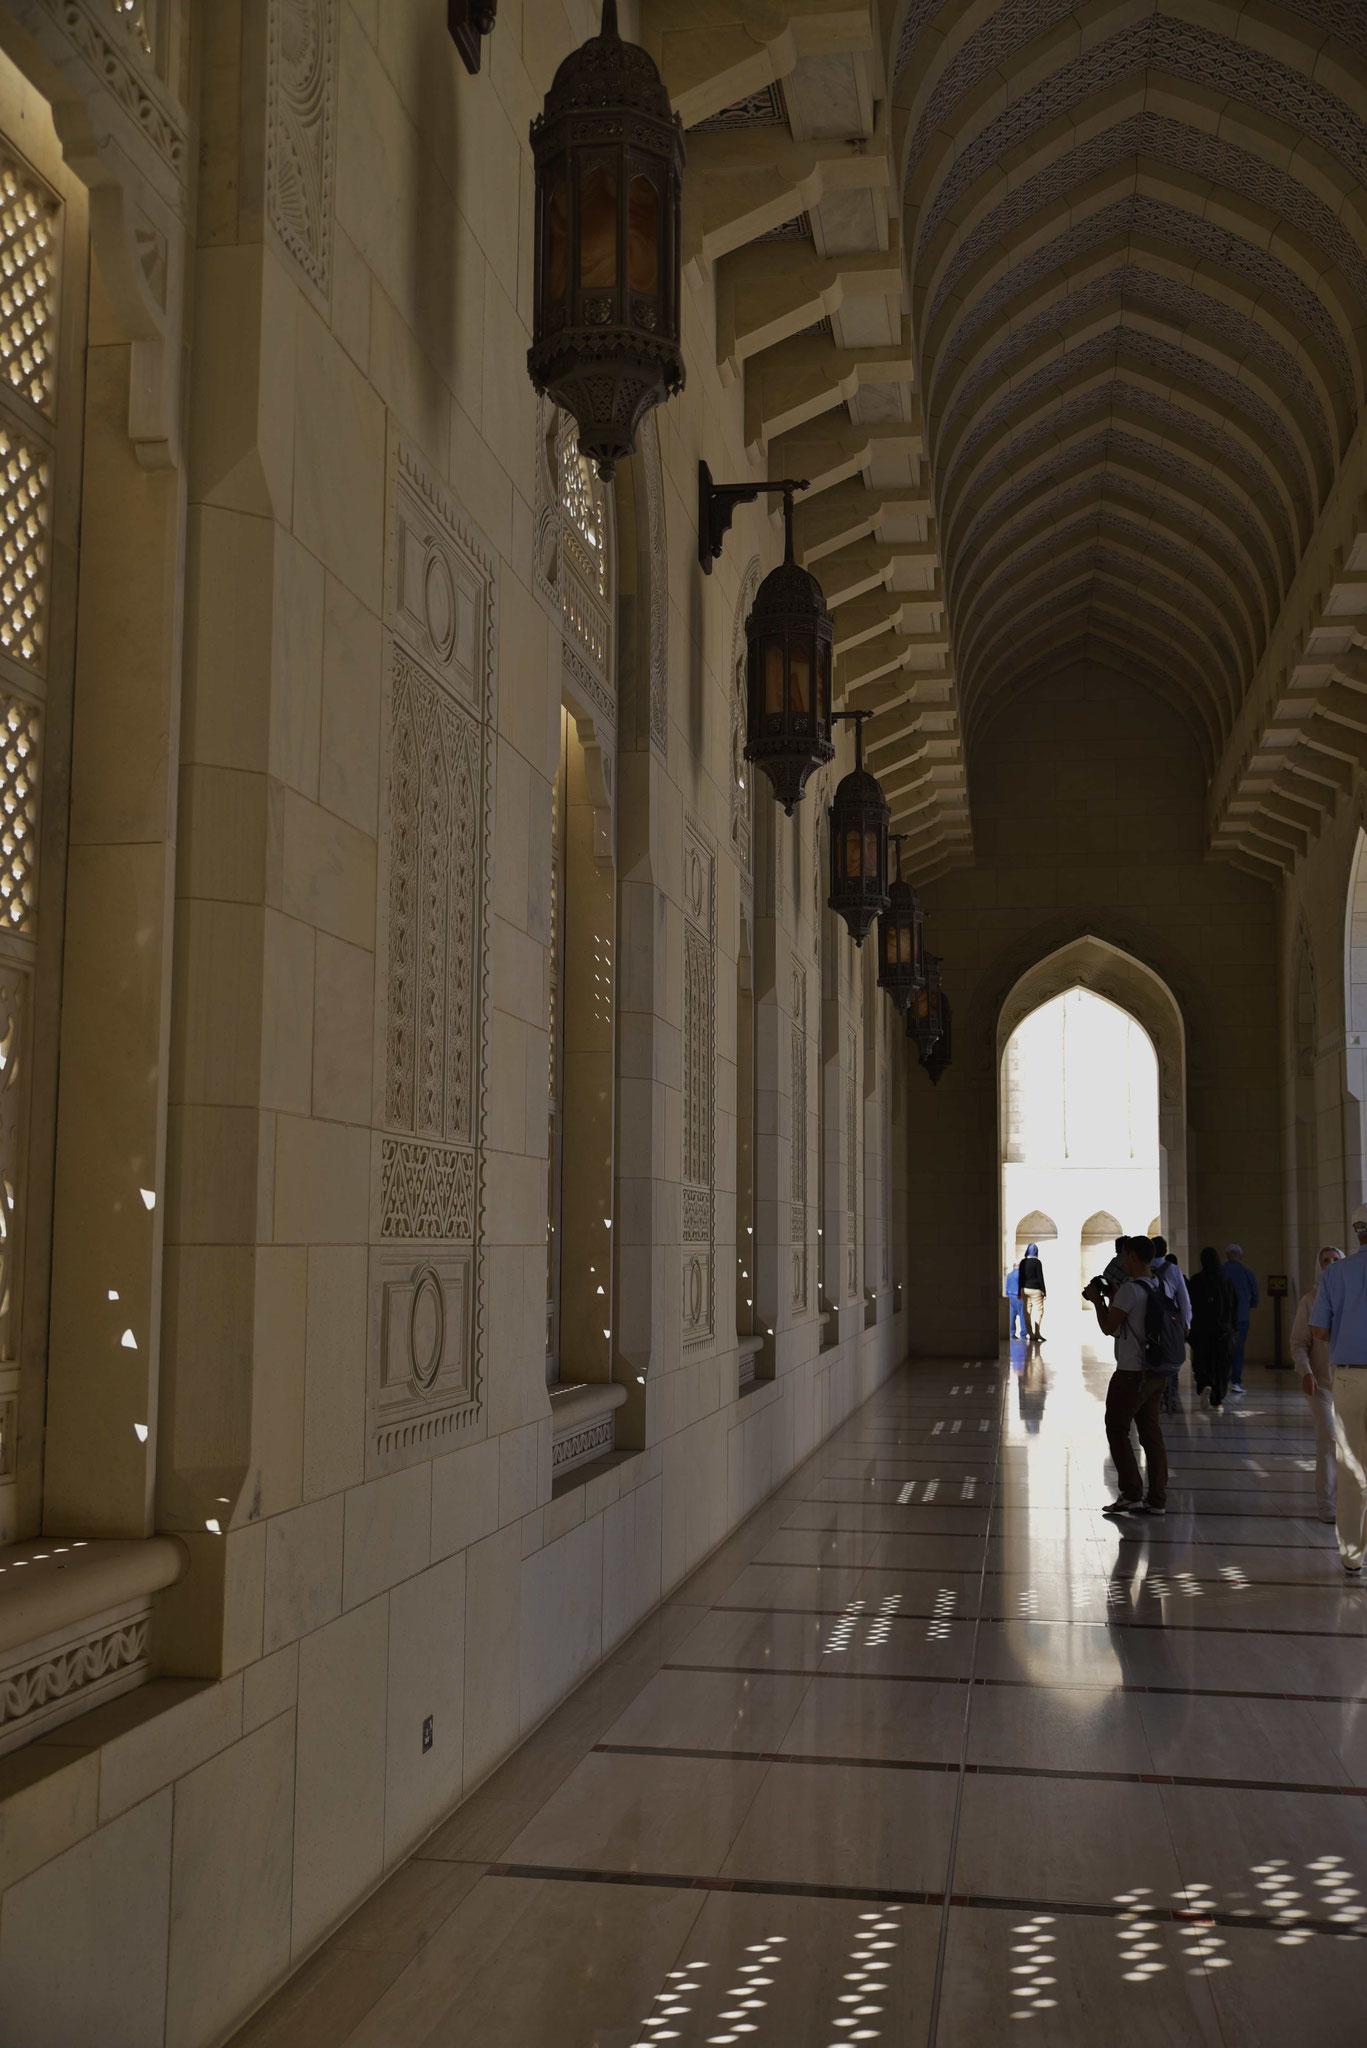 Bei 36° waren die Säulengänge super kühlend